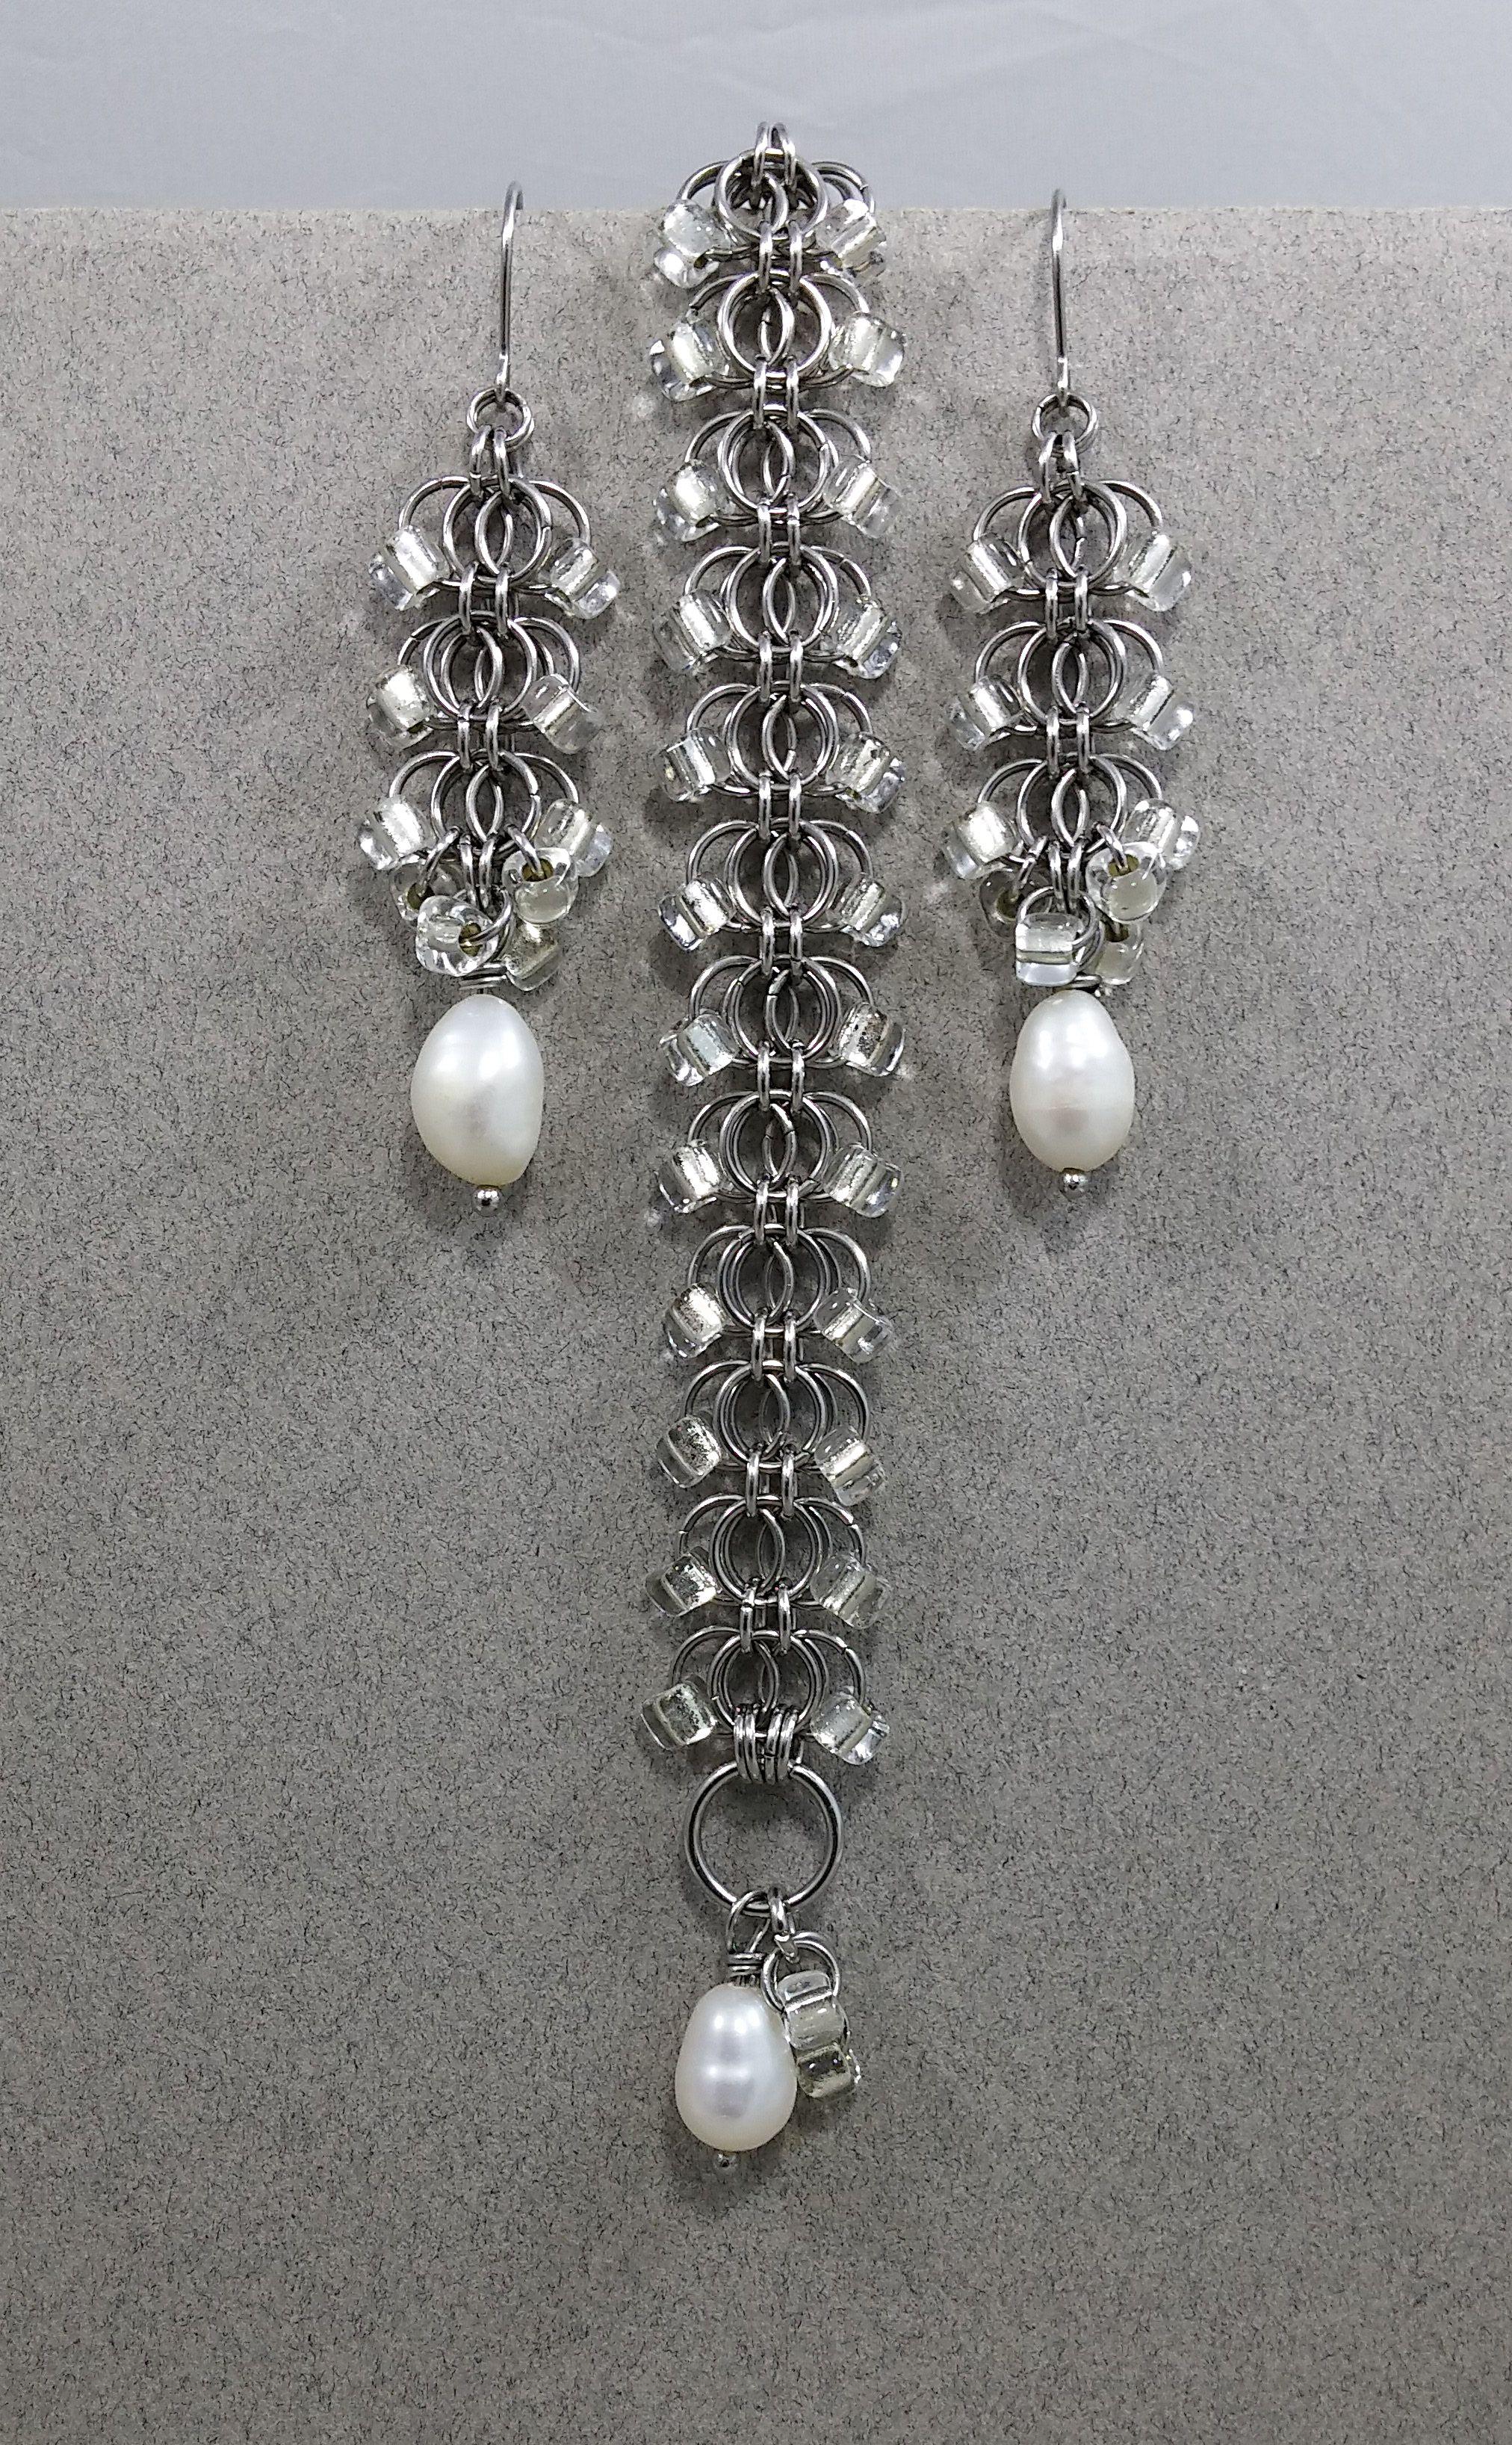 wedding earrings bracelet jewelry pearl chainmail eveningwear artisdanmade